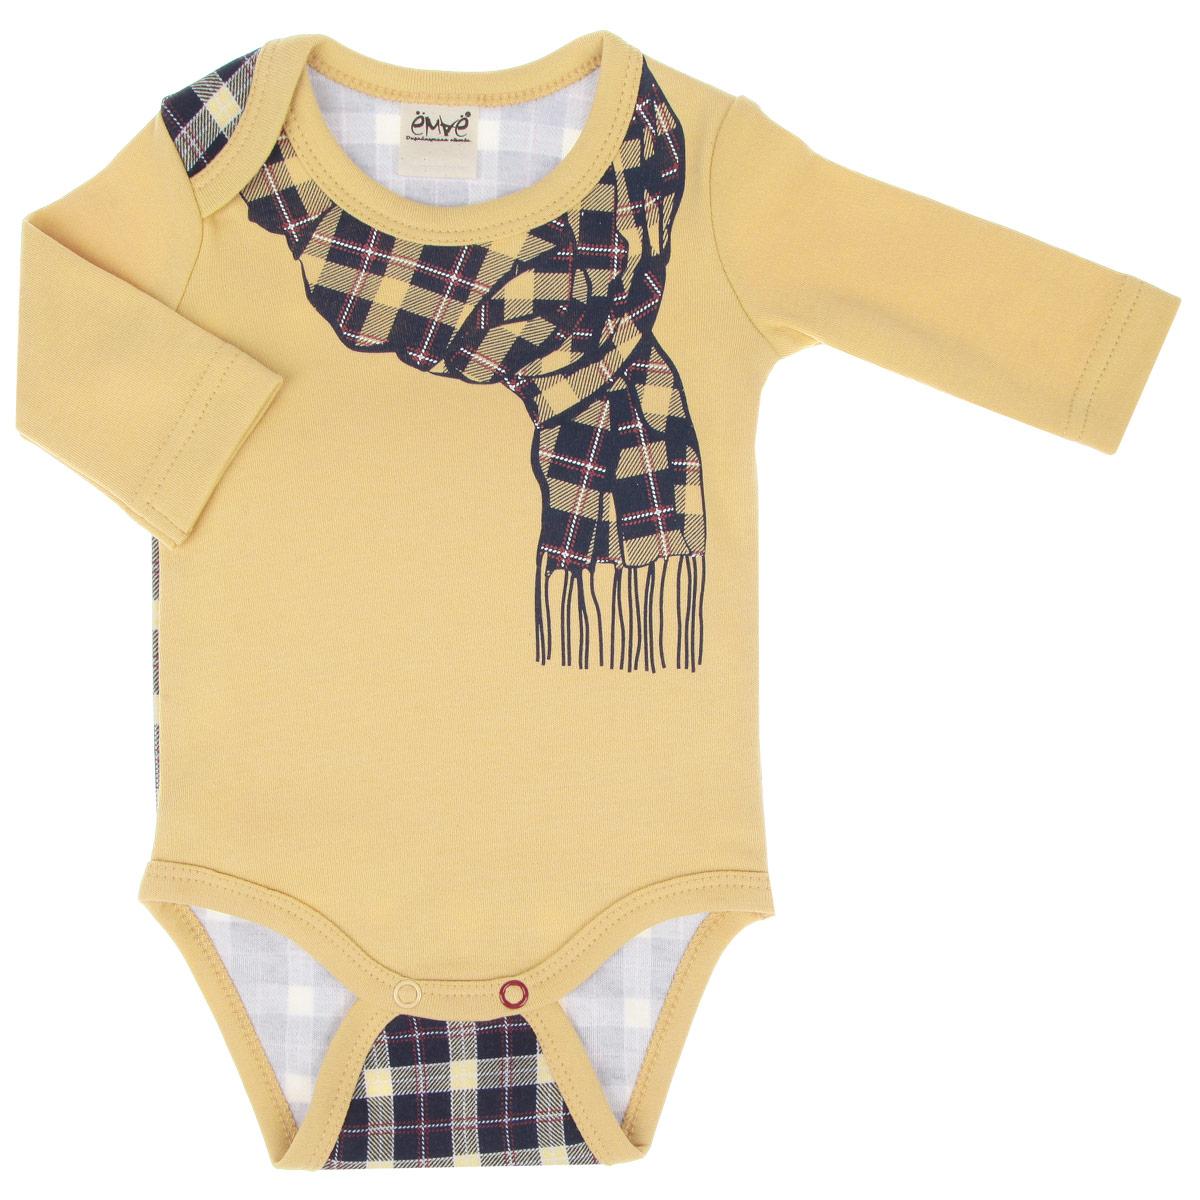 Боди для мальчика. 24-23824-238Удобное боди для мальчика Ёмаё послужит идеальным дополнением к гардеробу вашего крохи, обеспечивая ему наибольший комфорт. Изготовленное из интерлока - натурального хлопка, оно необычайно мягкое и легкое, не раздражает нежную кожу ребенка и хорошо вентилируется, а эластичные швы приятны телу младенца и не препятствуют его движениям. Боди с длинными рукавами и круглым вырезом горловины имеет удобные запахи на плечах, а также застежки-кнопки на ластовице, которые помогают легко переодеть ребенка или сменить подгузник. Оформлено изделие принтом в клетку, а также принтом с изображением шарфика. Боди полностью соответствует особенностям жизни ребенка в ранний период, не стесняя и не ограничивая его в движениях. В нем ваш младенец всегда будет в центре внимания.